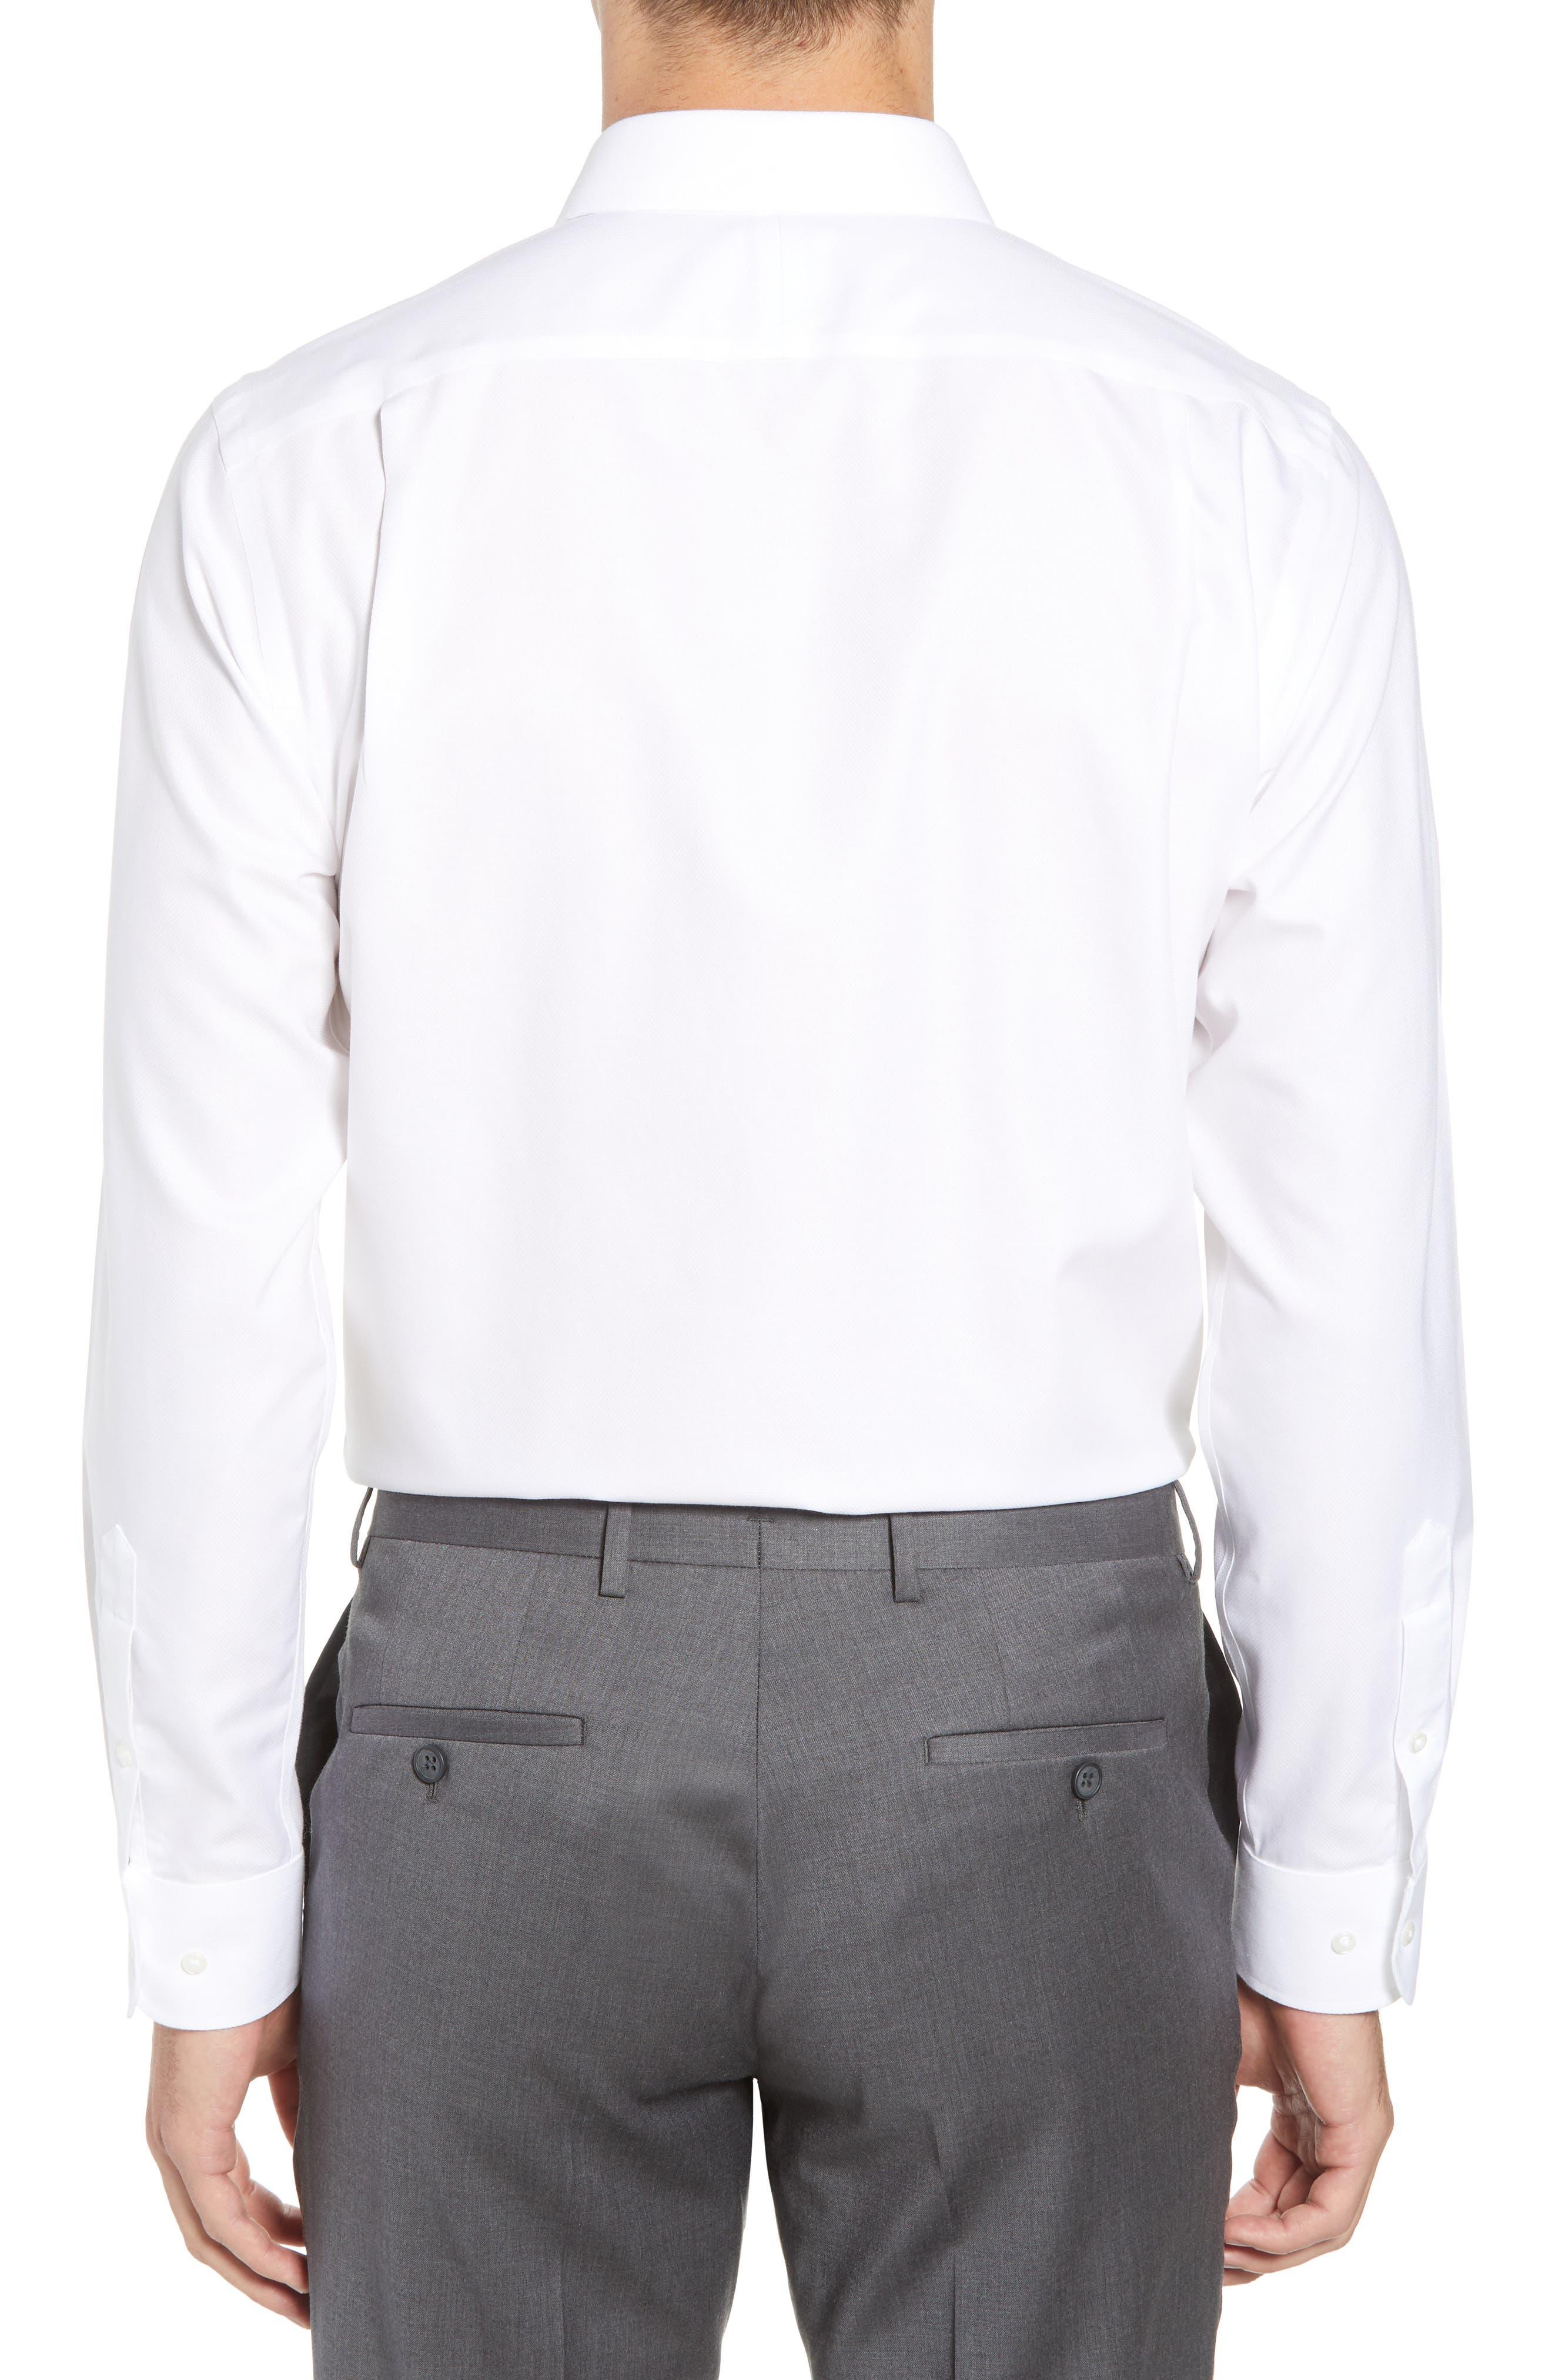 Smartcare<sup>™</sup> Trim Fit Solid Dress Shirt,                             Alternate thumbnail 3, color,                             100